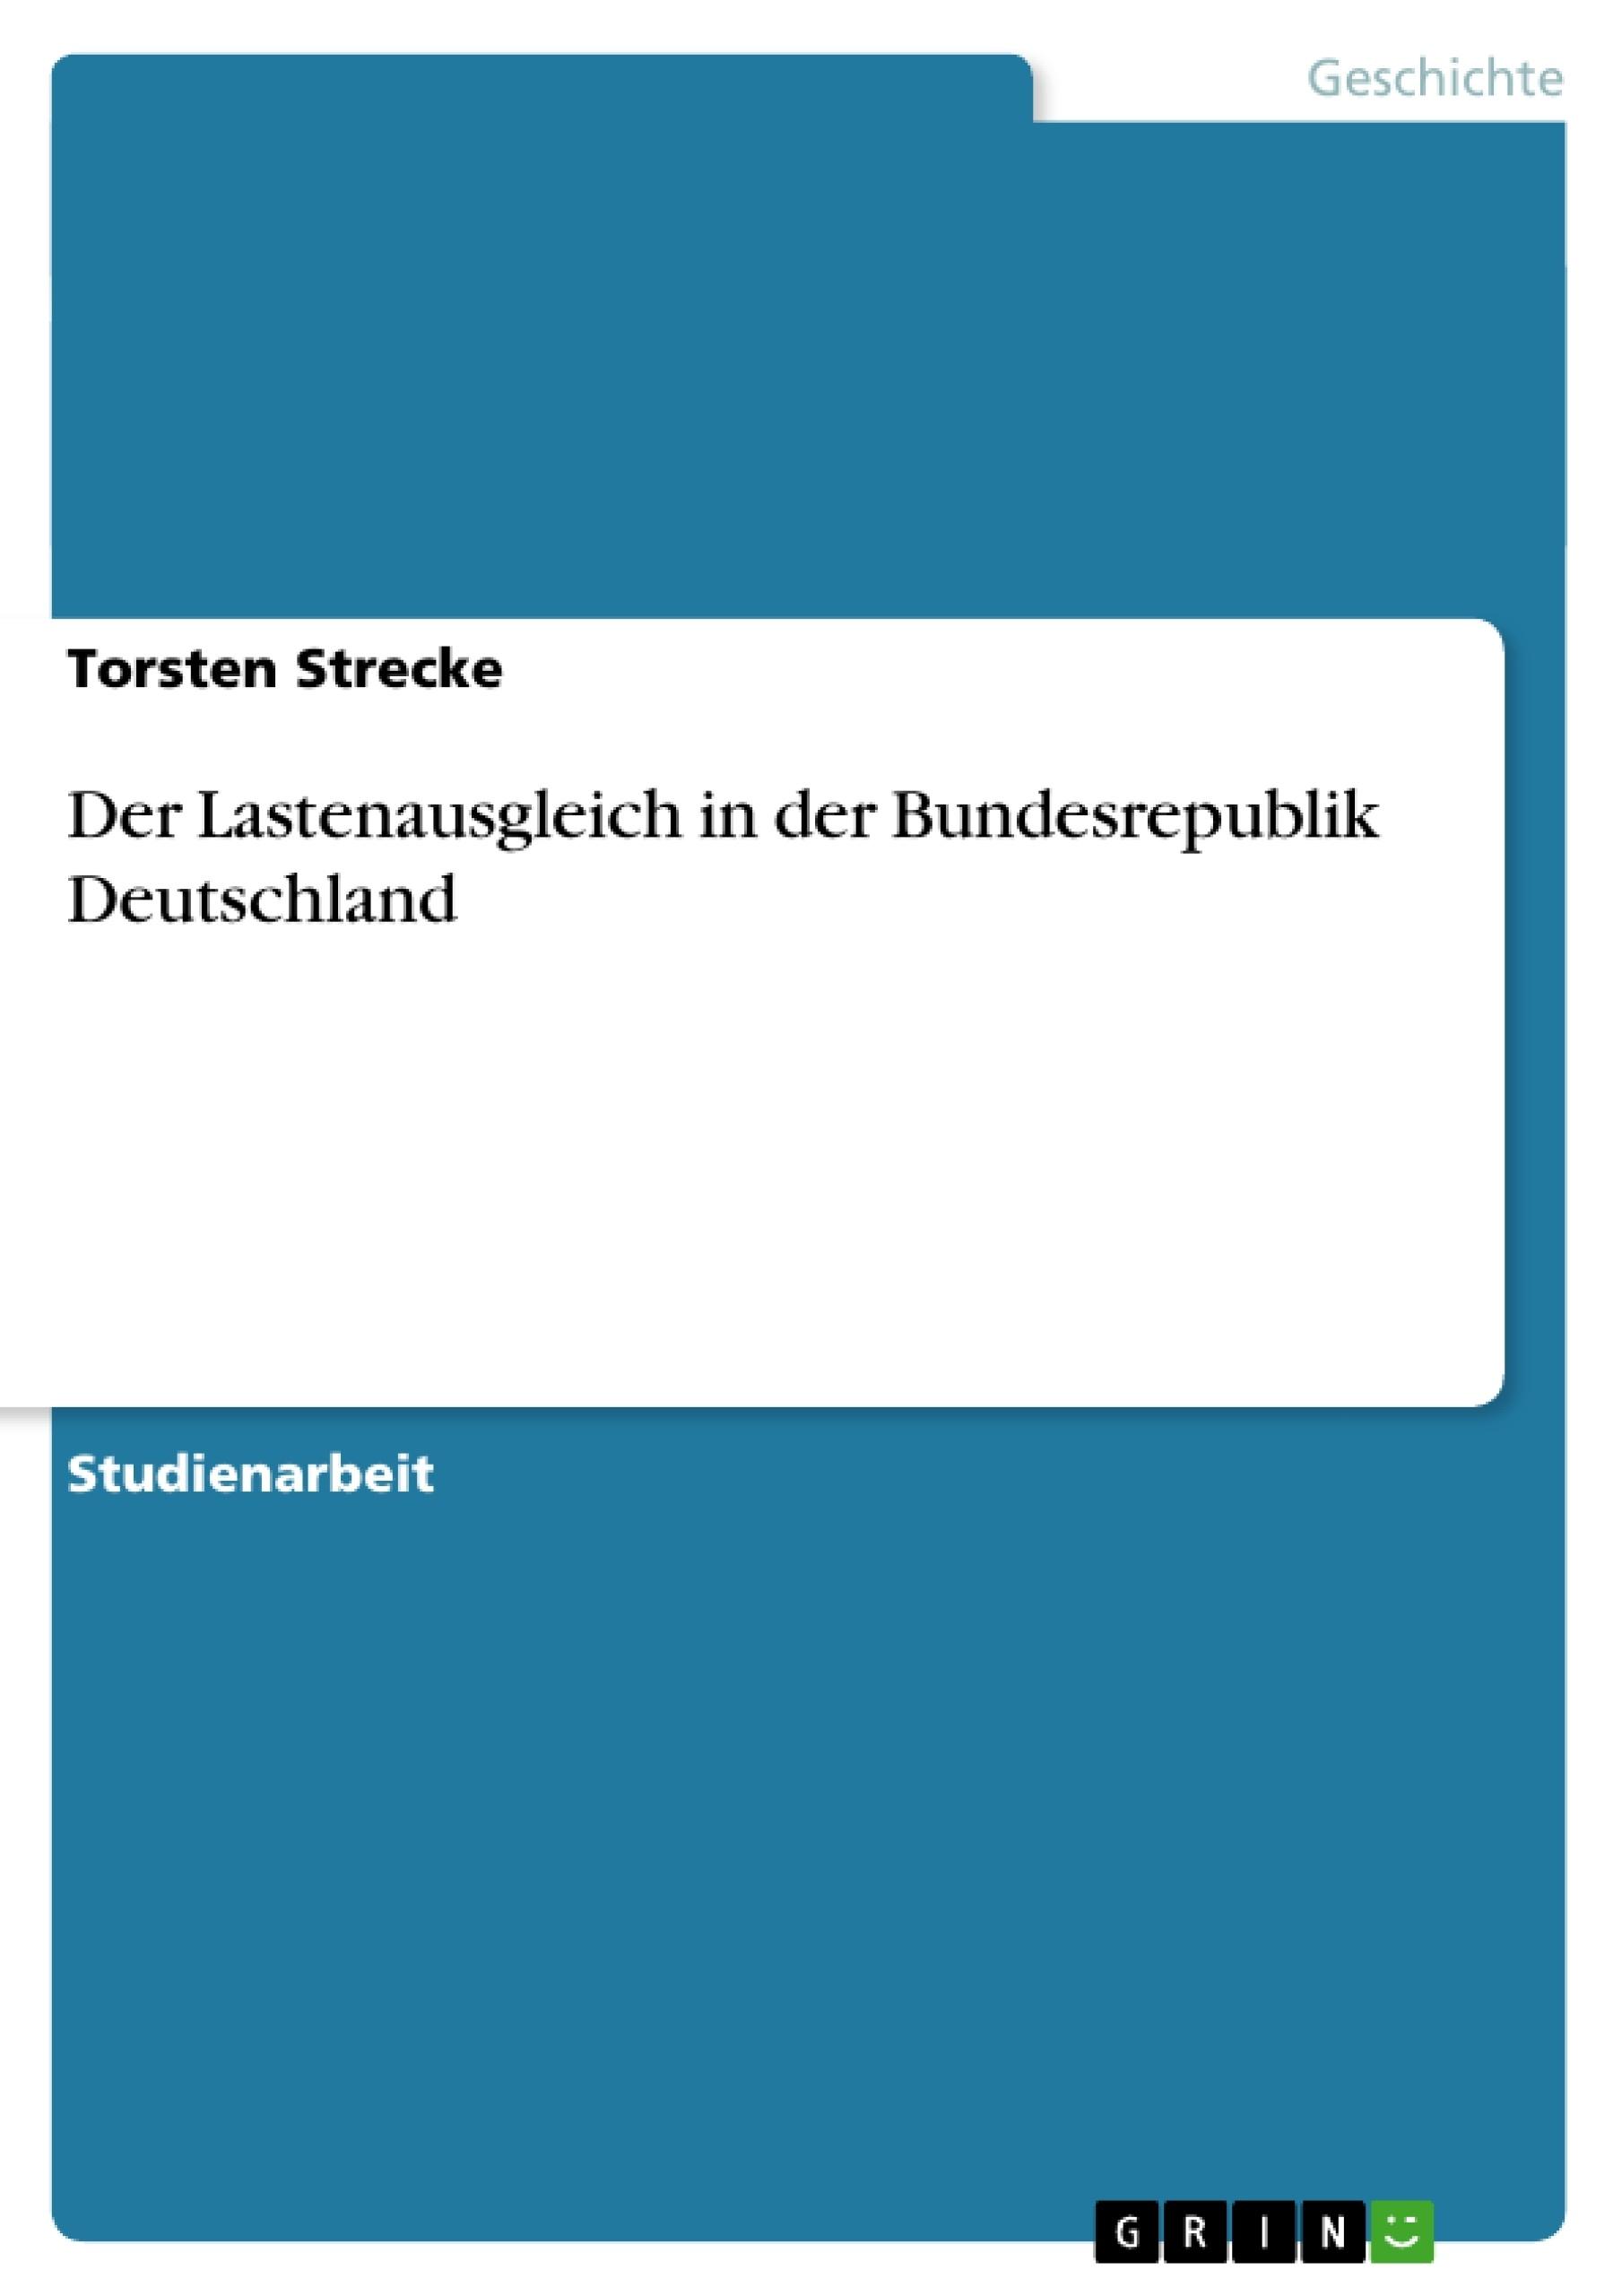 Titel: Der Lastenausgleich in der Bundesrepublik Deutschland